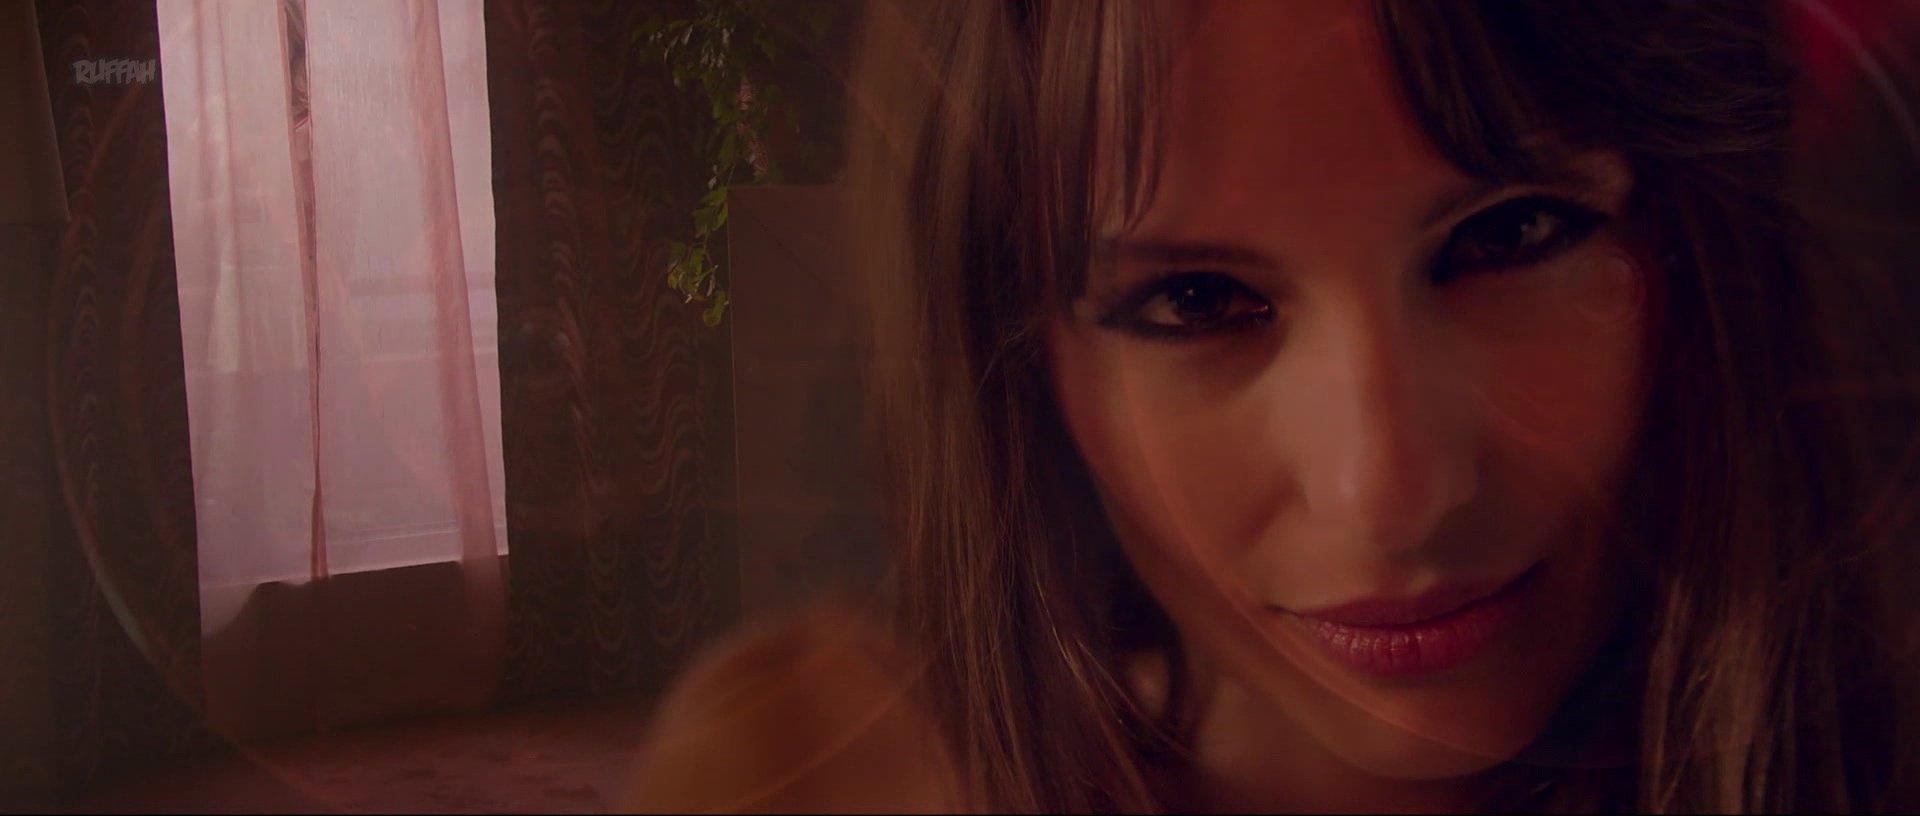 Carolina Ardohain nude, Monica Antonopulos nude, Agostina Bettinelli nude - Desearas al hombre de tu Hermana (2017)